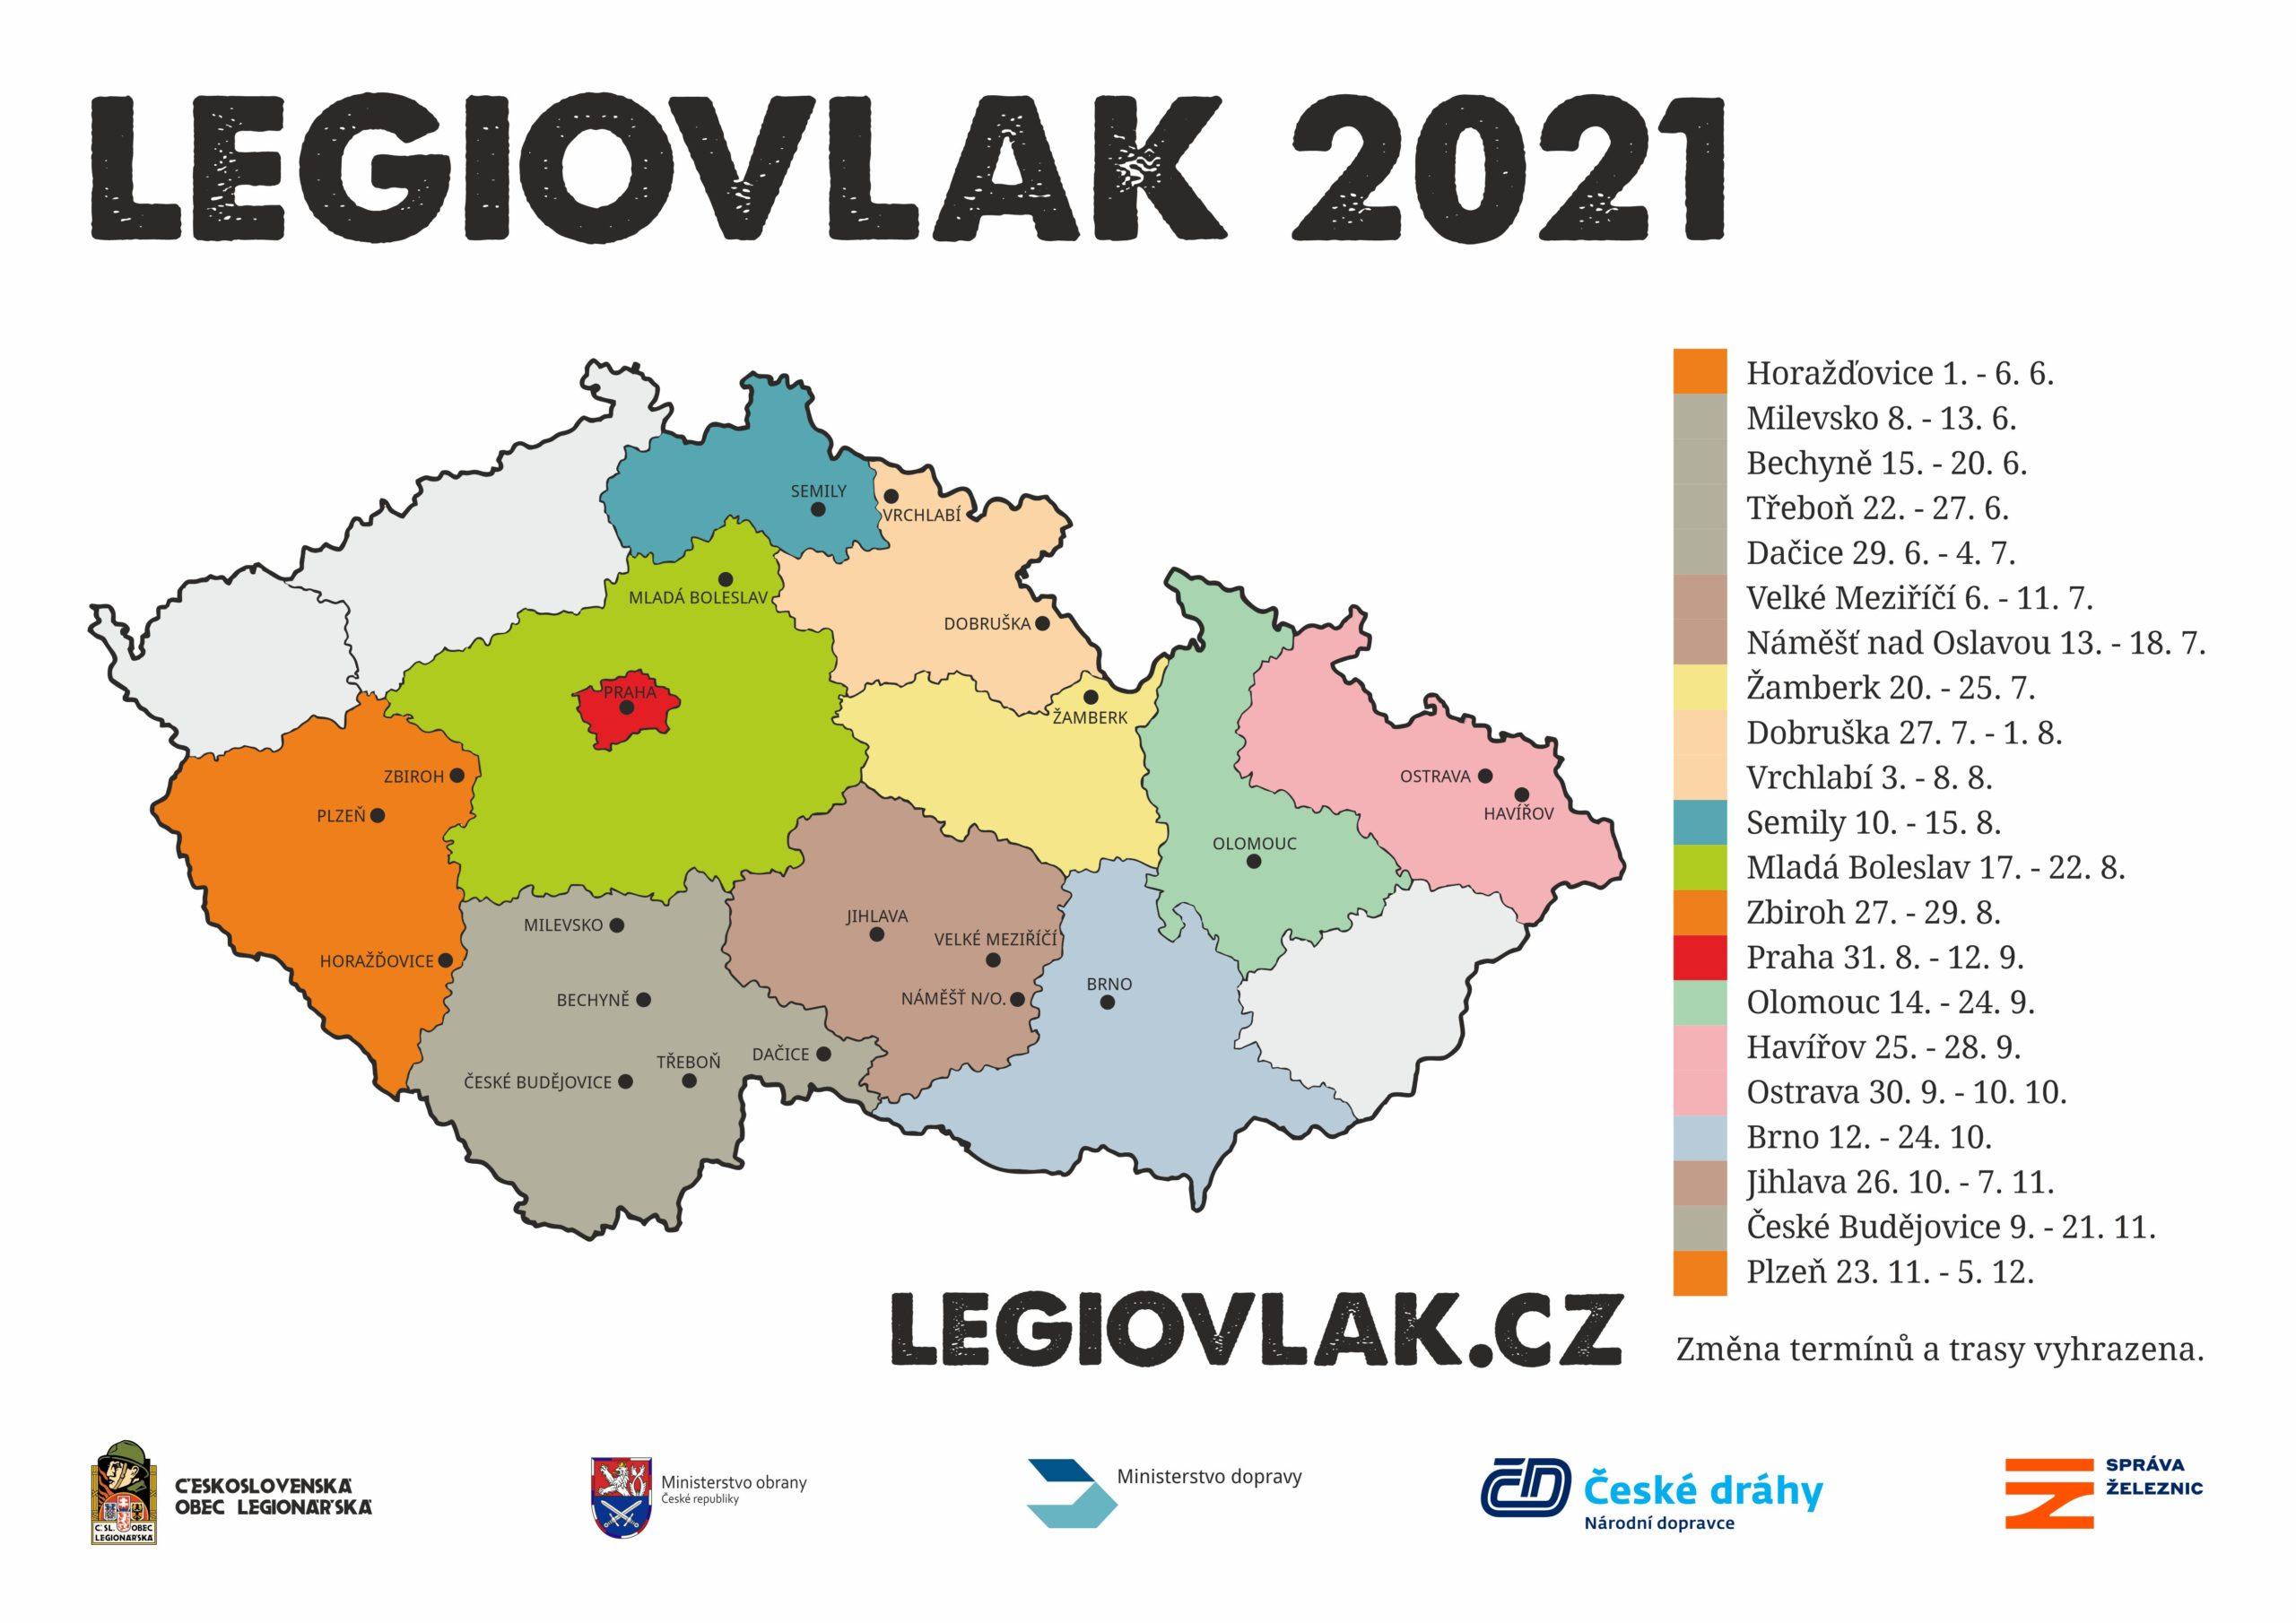 Legiovlak vyráží na cestu po republice i v roce 2021